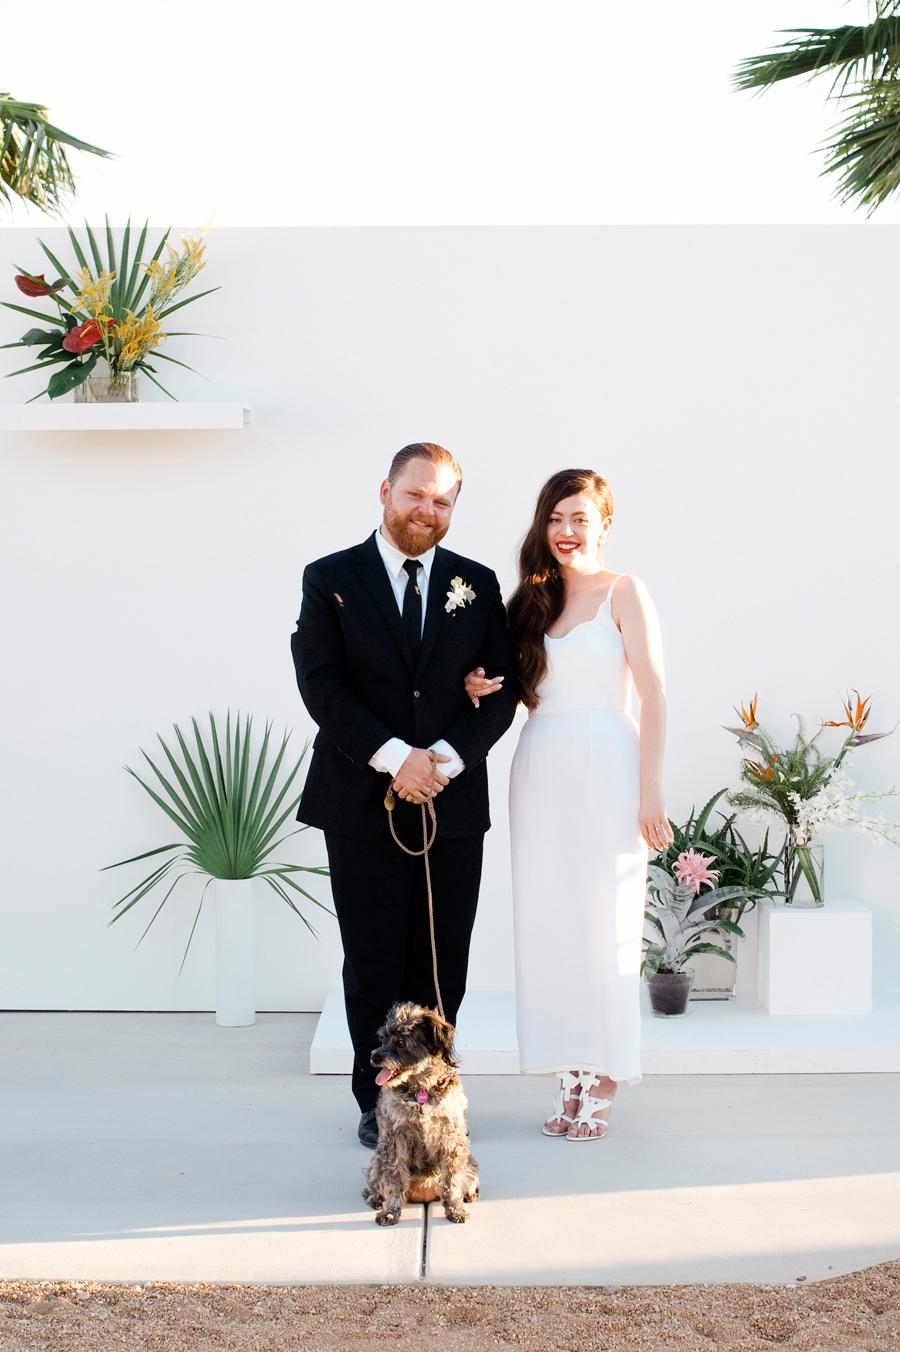 desert-wedding-14-of-the-flowers.jpg